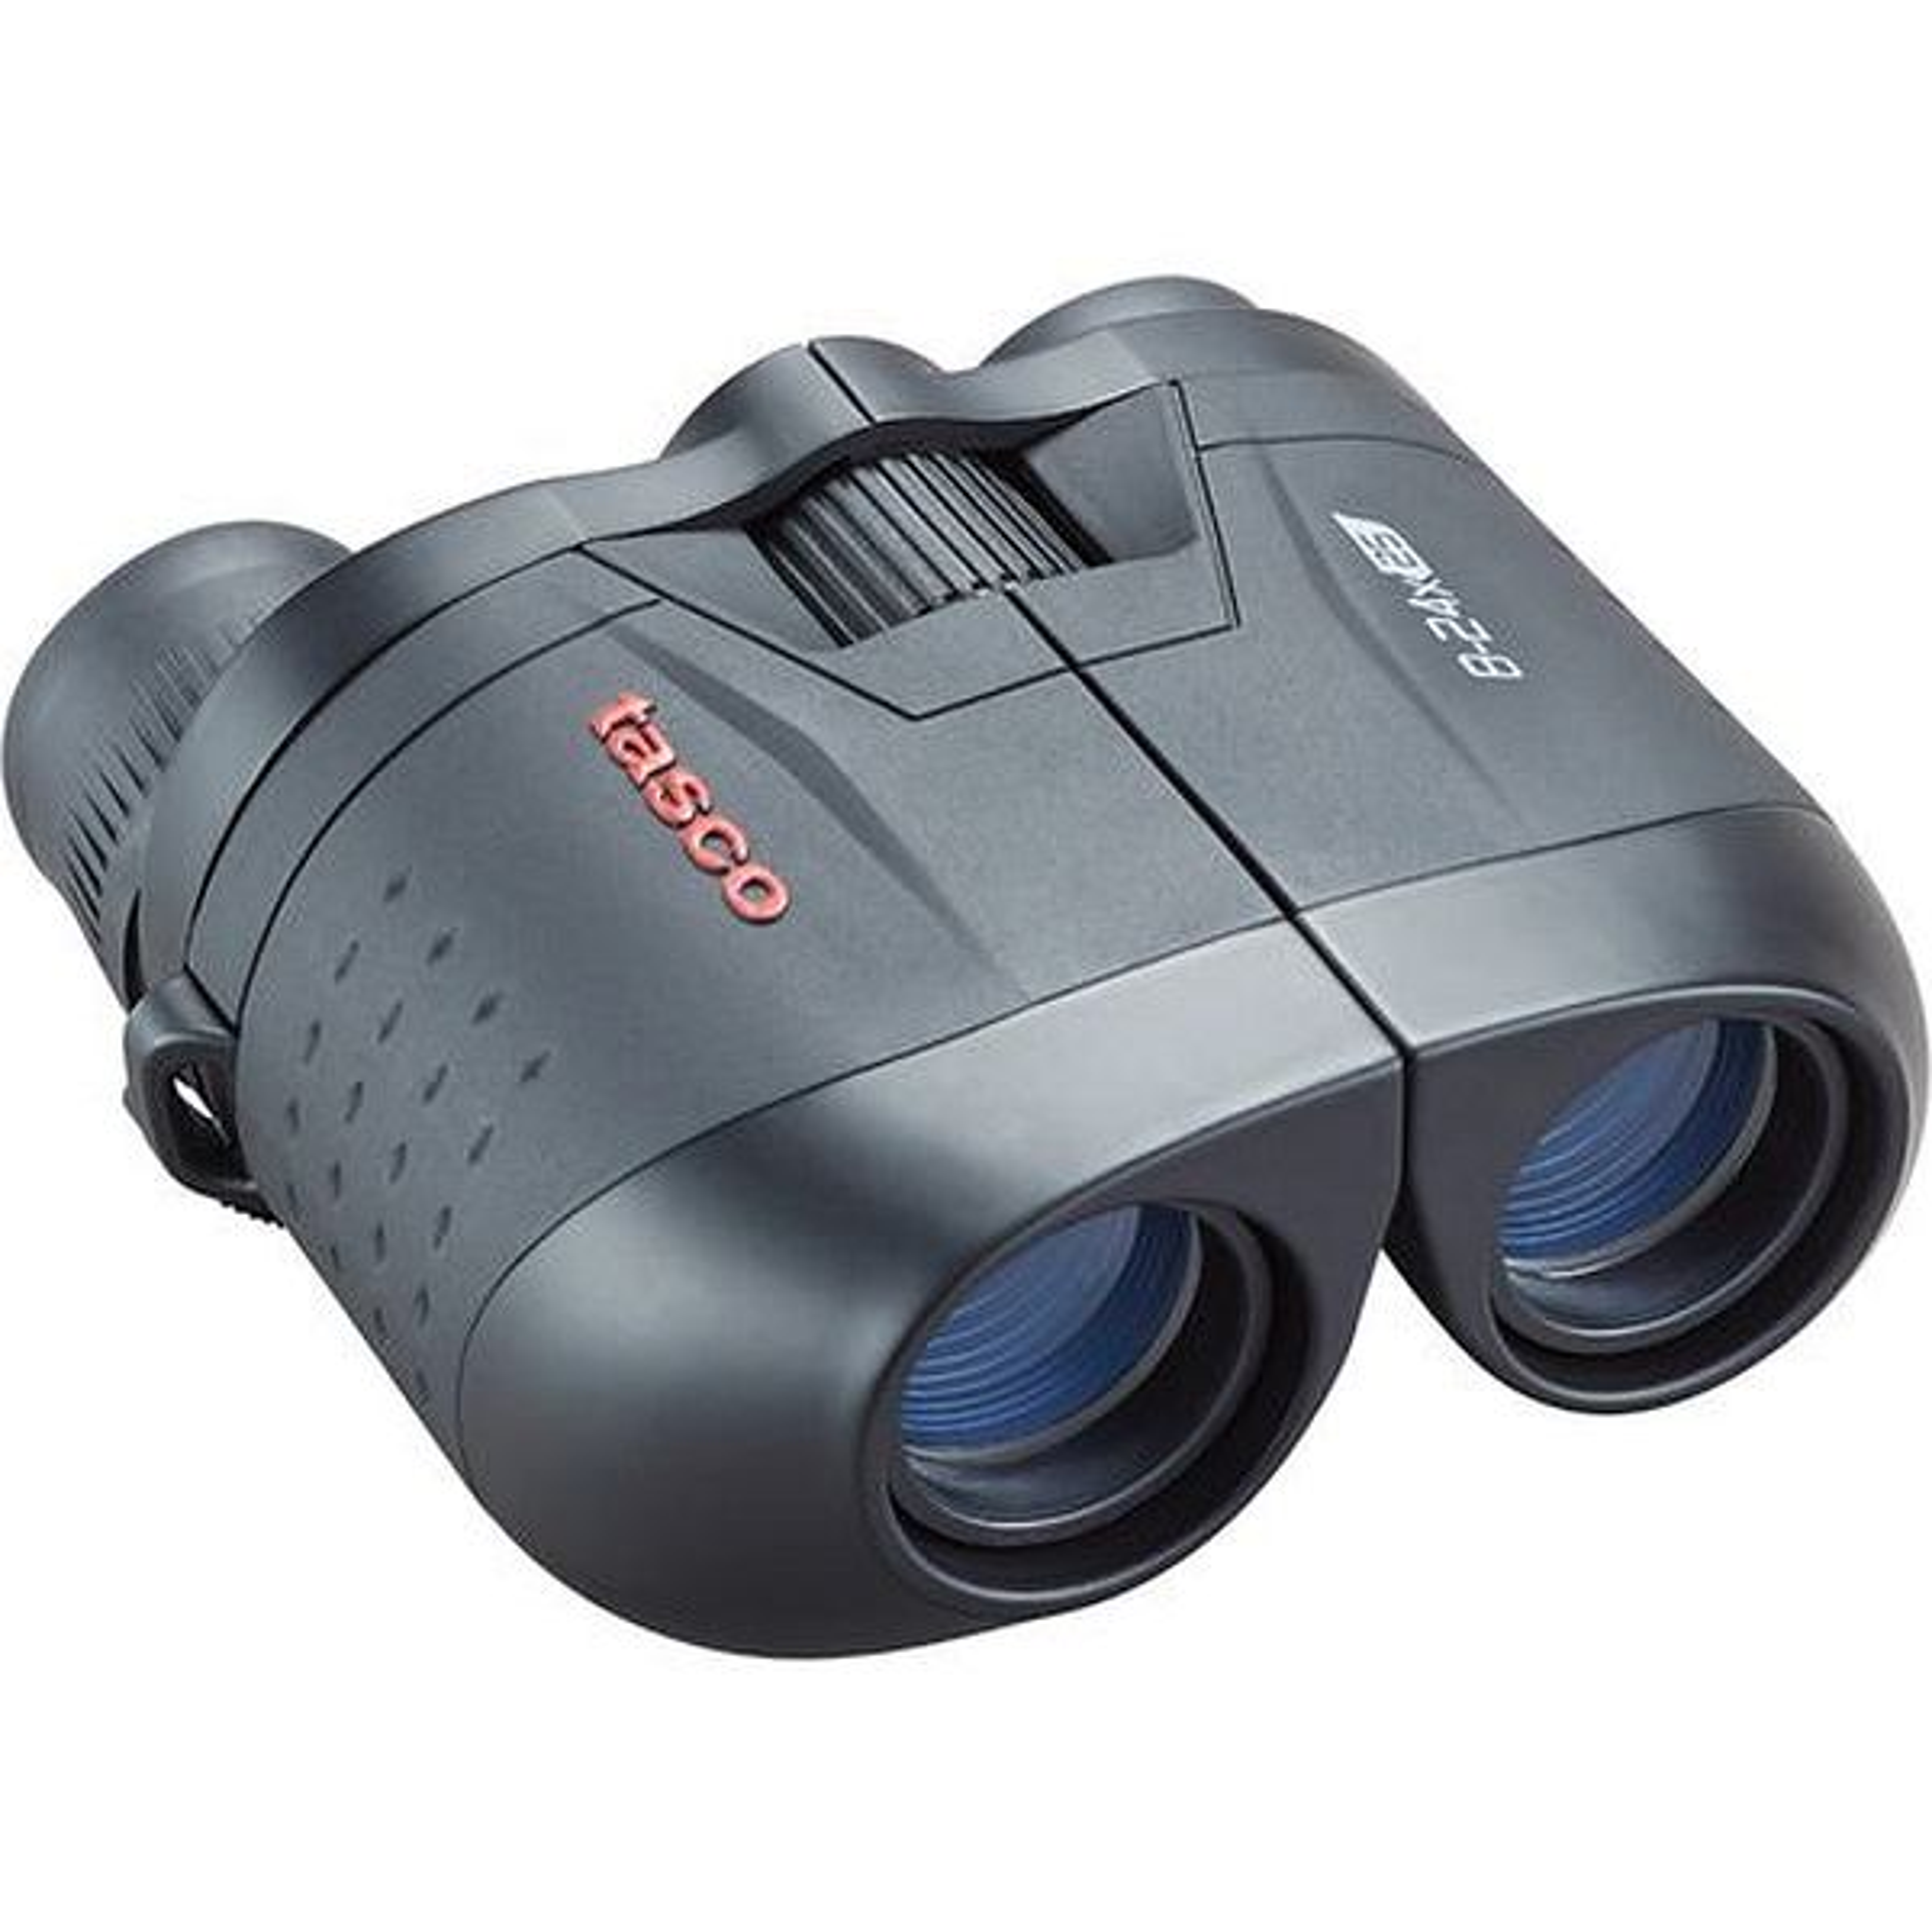 8 - 24 x 25 Binocular